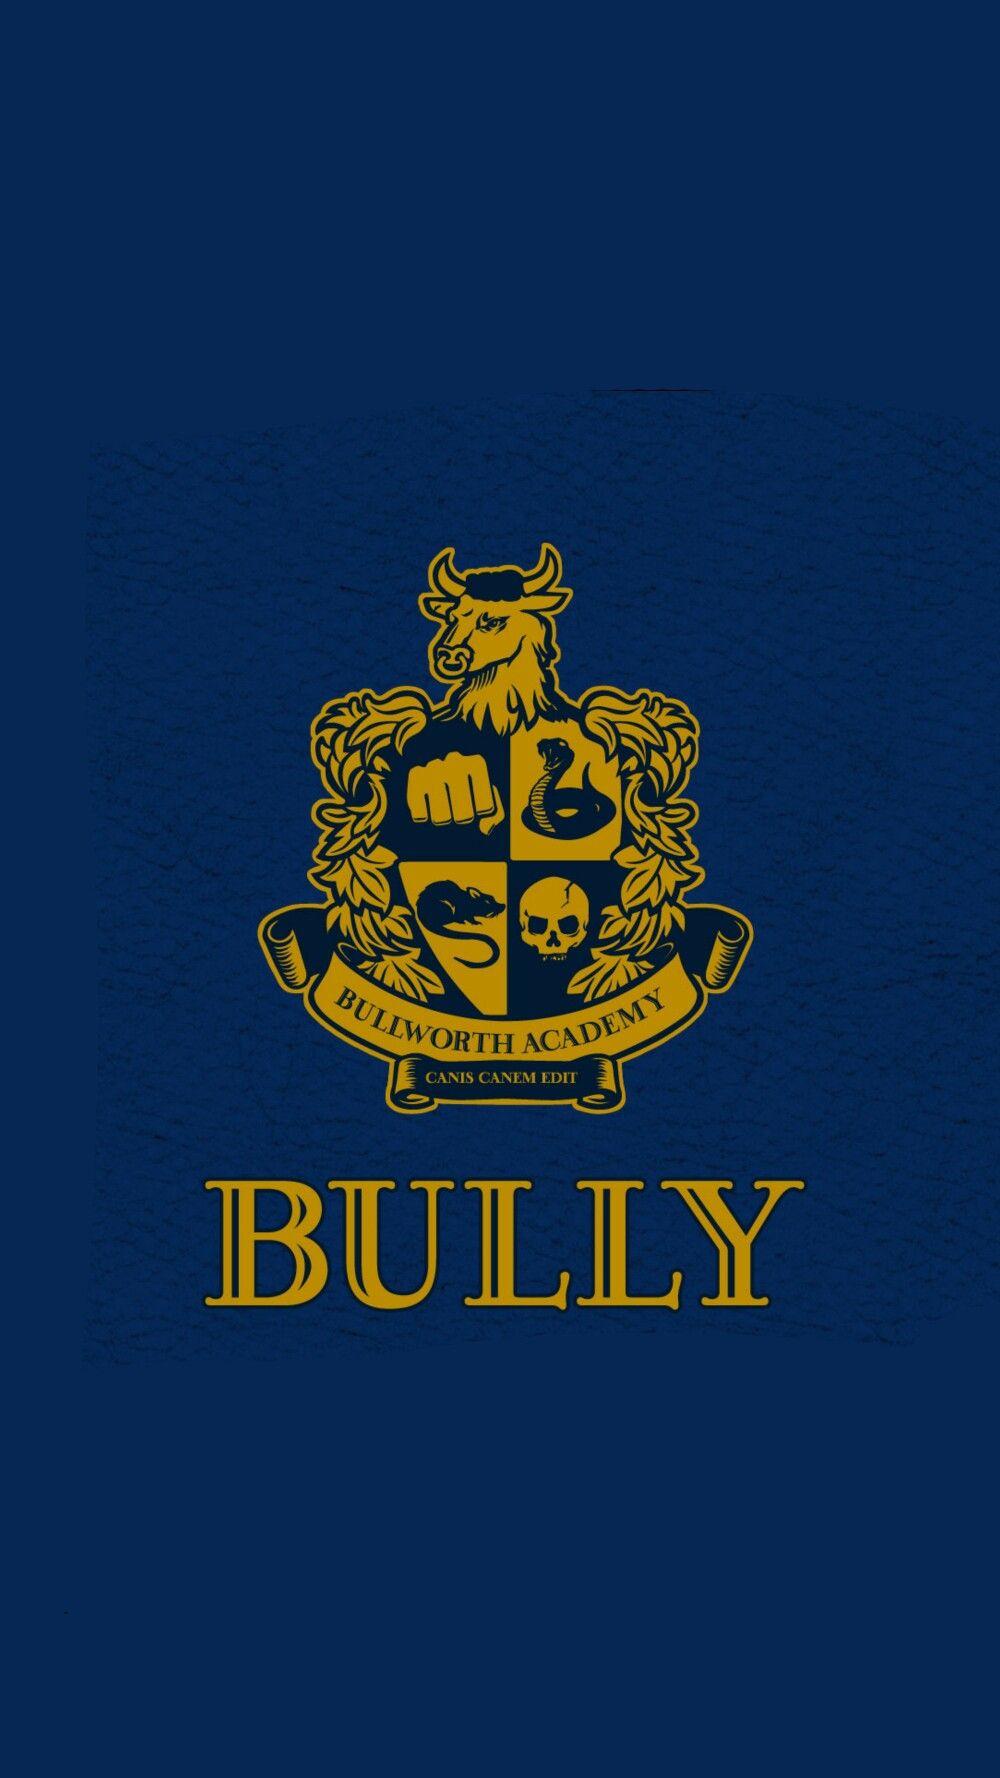 Bully Wallpaper For Iphone Android Em 2020 Bullying Jogo Arte De Jogos Jogos De Videogame